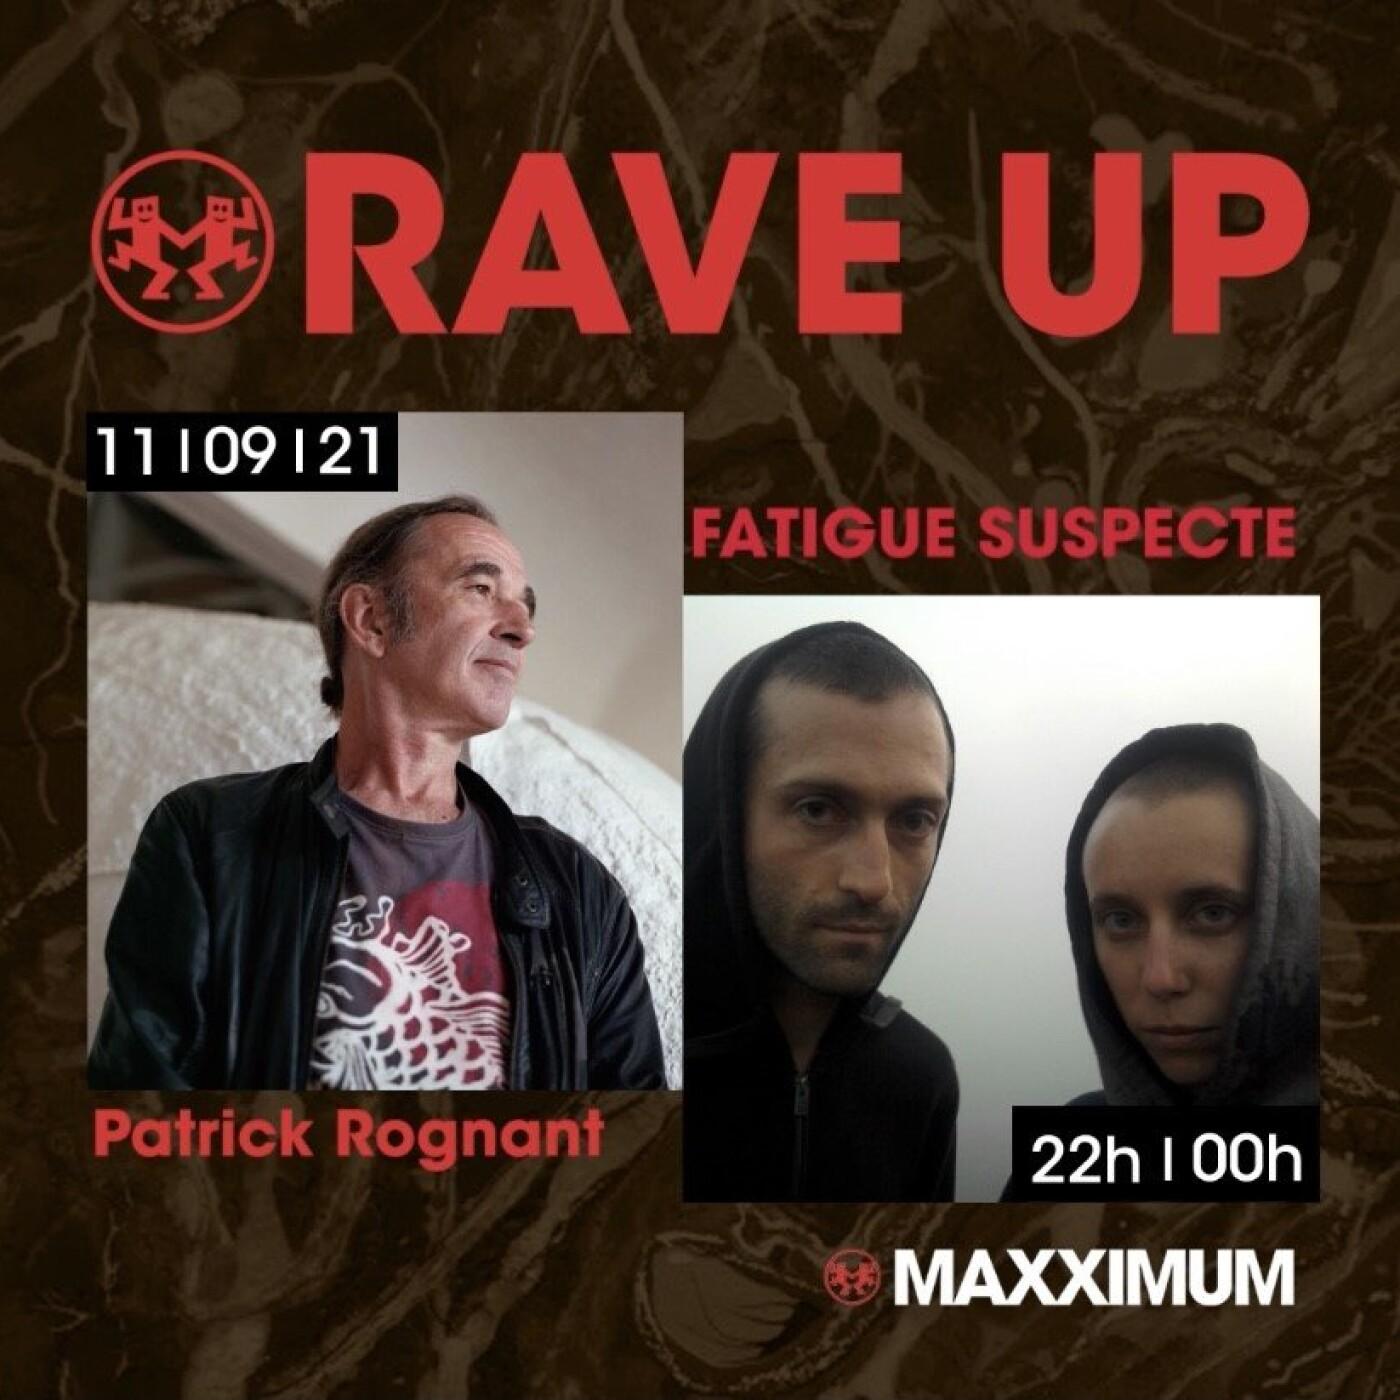 RAVE UP : FATIGUE SUSPECTE